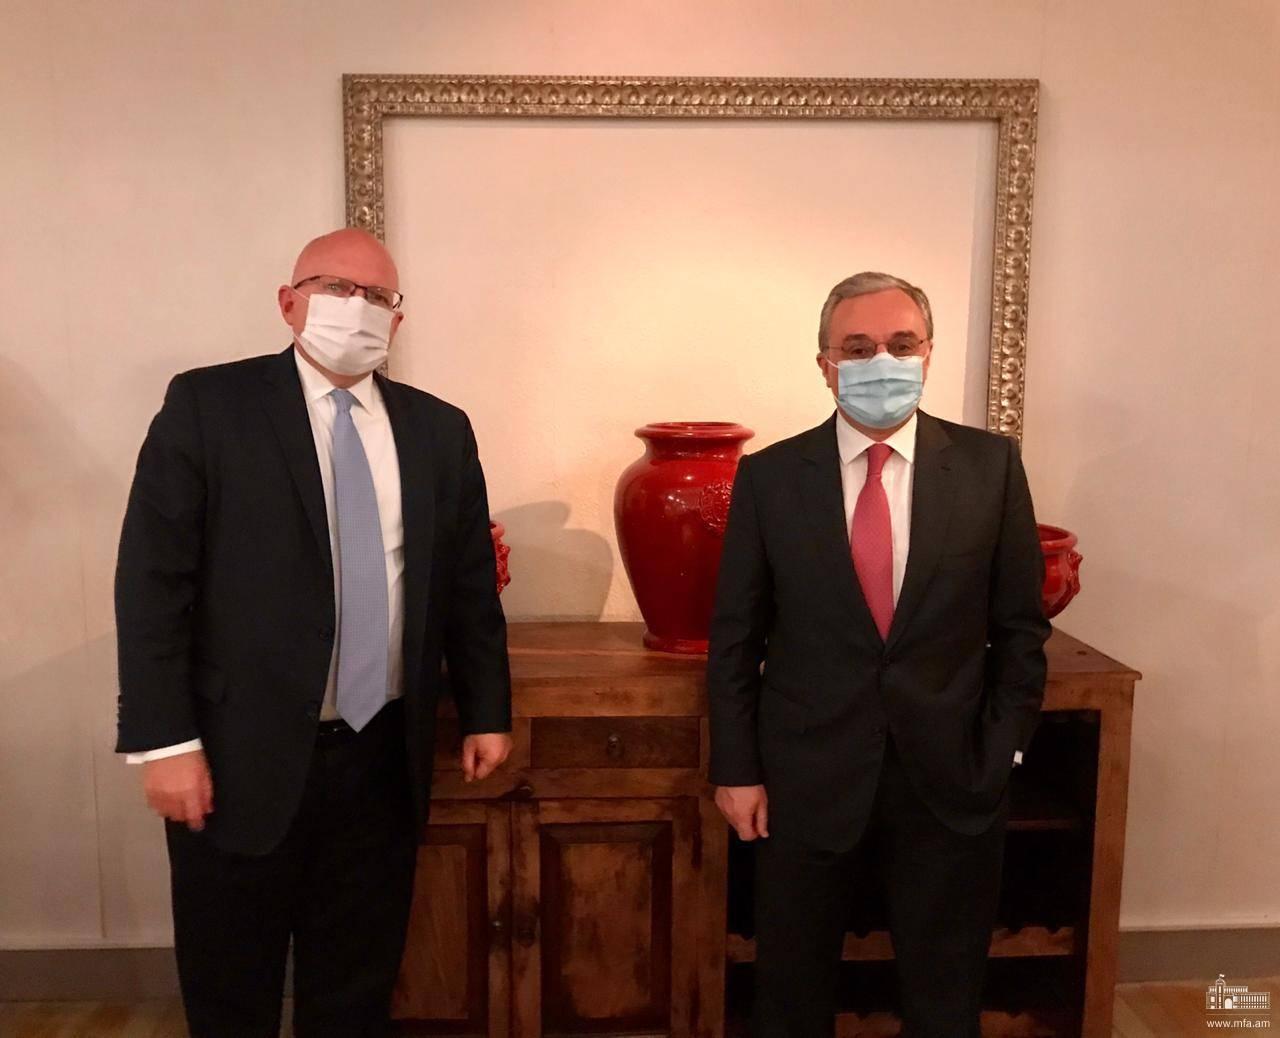 ԱԳ նախարար Զոհրաբ Մնացականյանի հանդիպումը ԱՄՆ պետքարտուղարի եվրոպական և եվրասիական հարցերով տեղակալ Ֆիլիպ Ռիքերի հետ